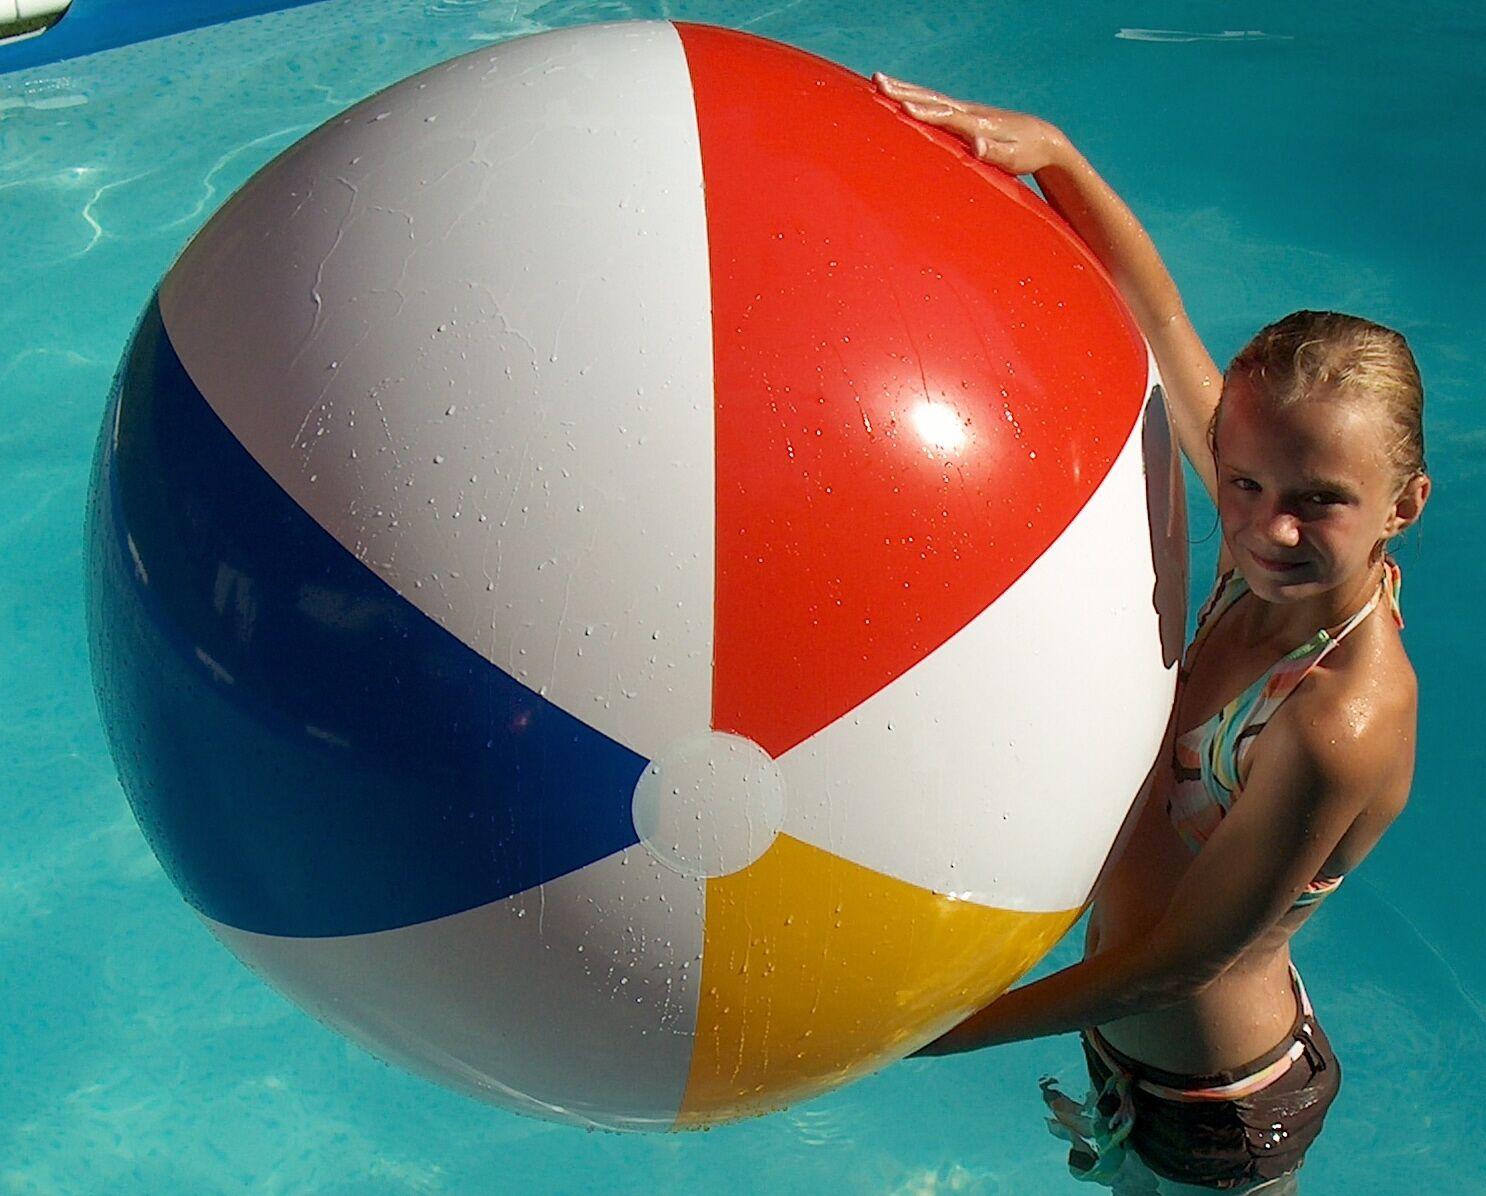 beach ball classic - HD1486×1196